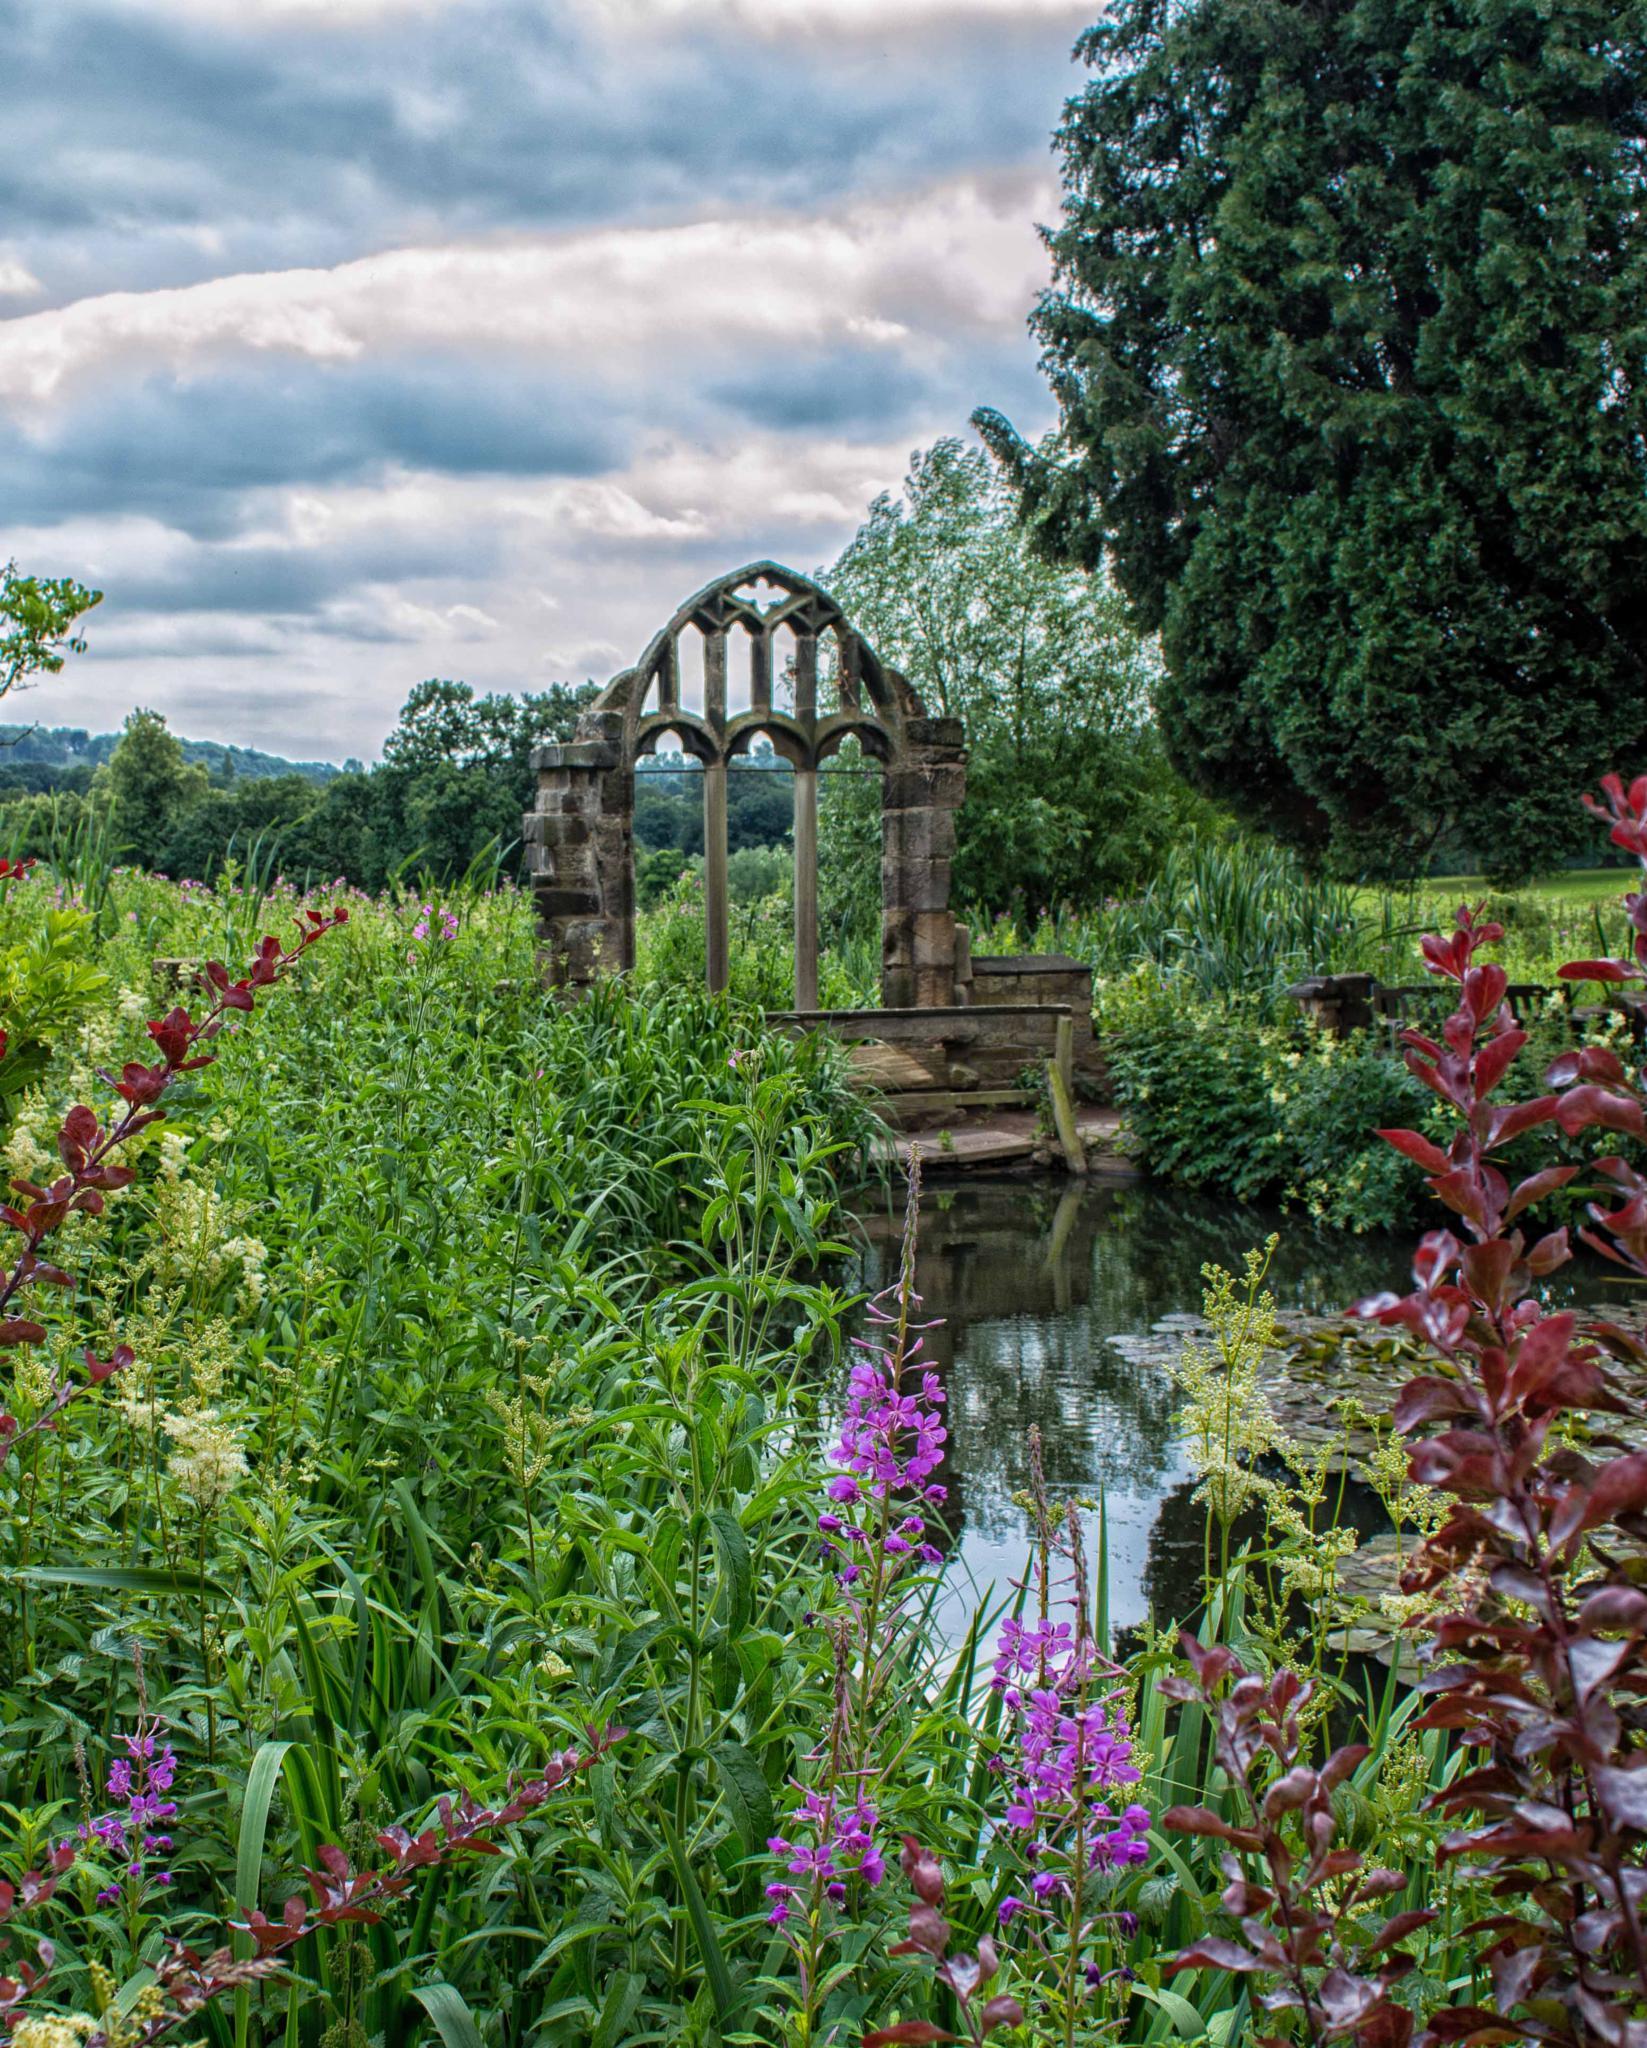 Fairy Garden by Maldo